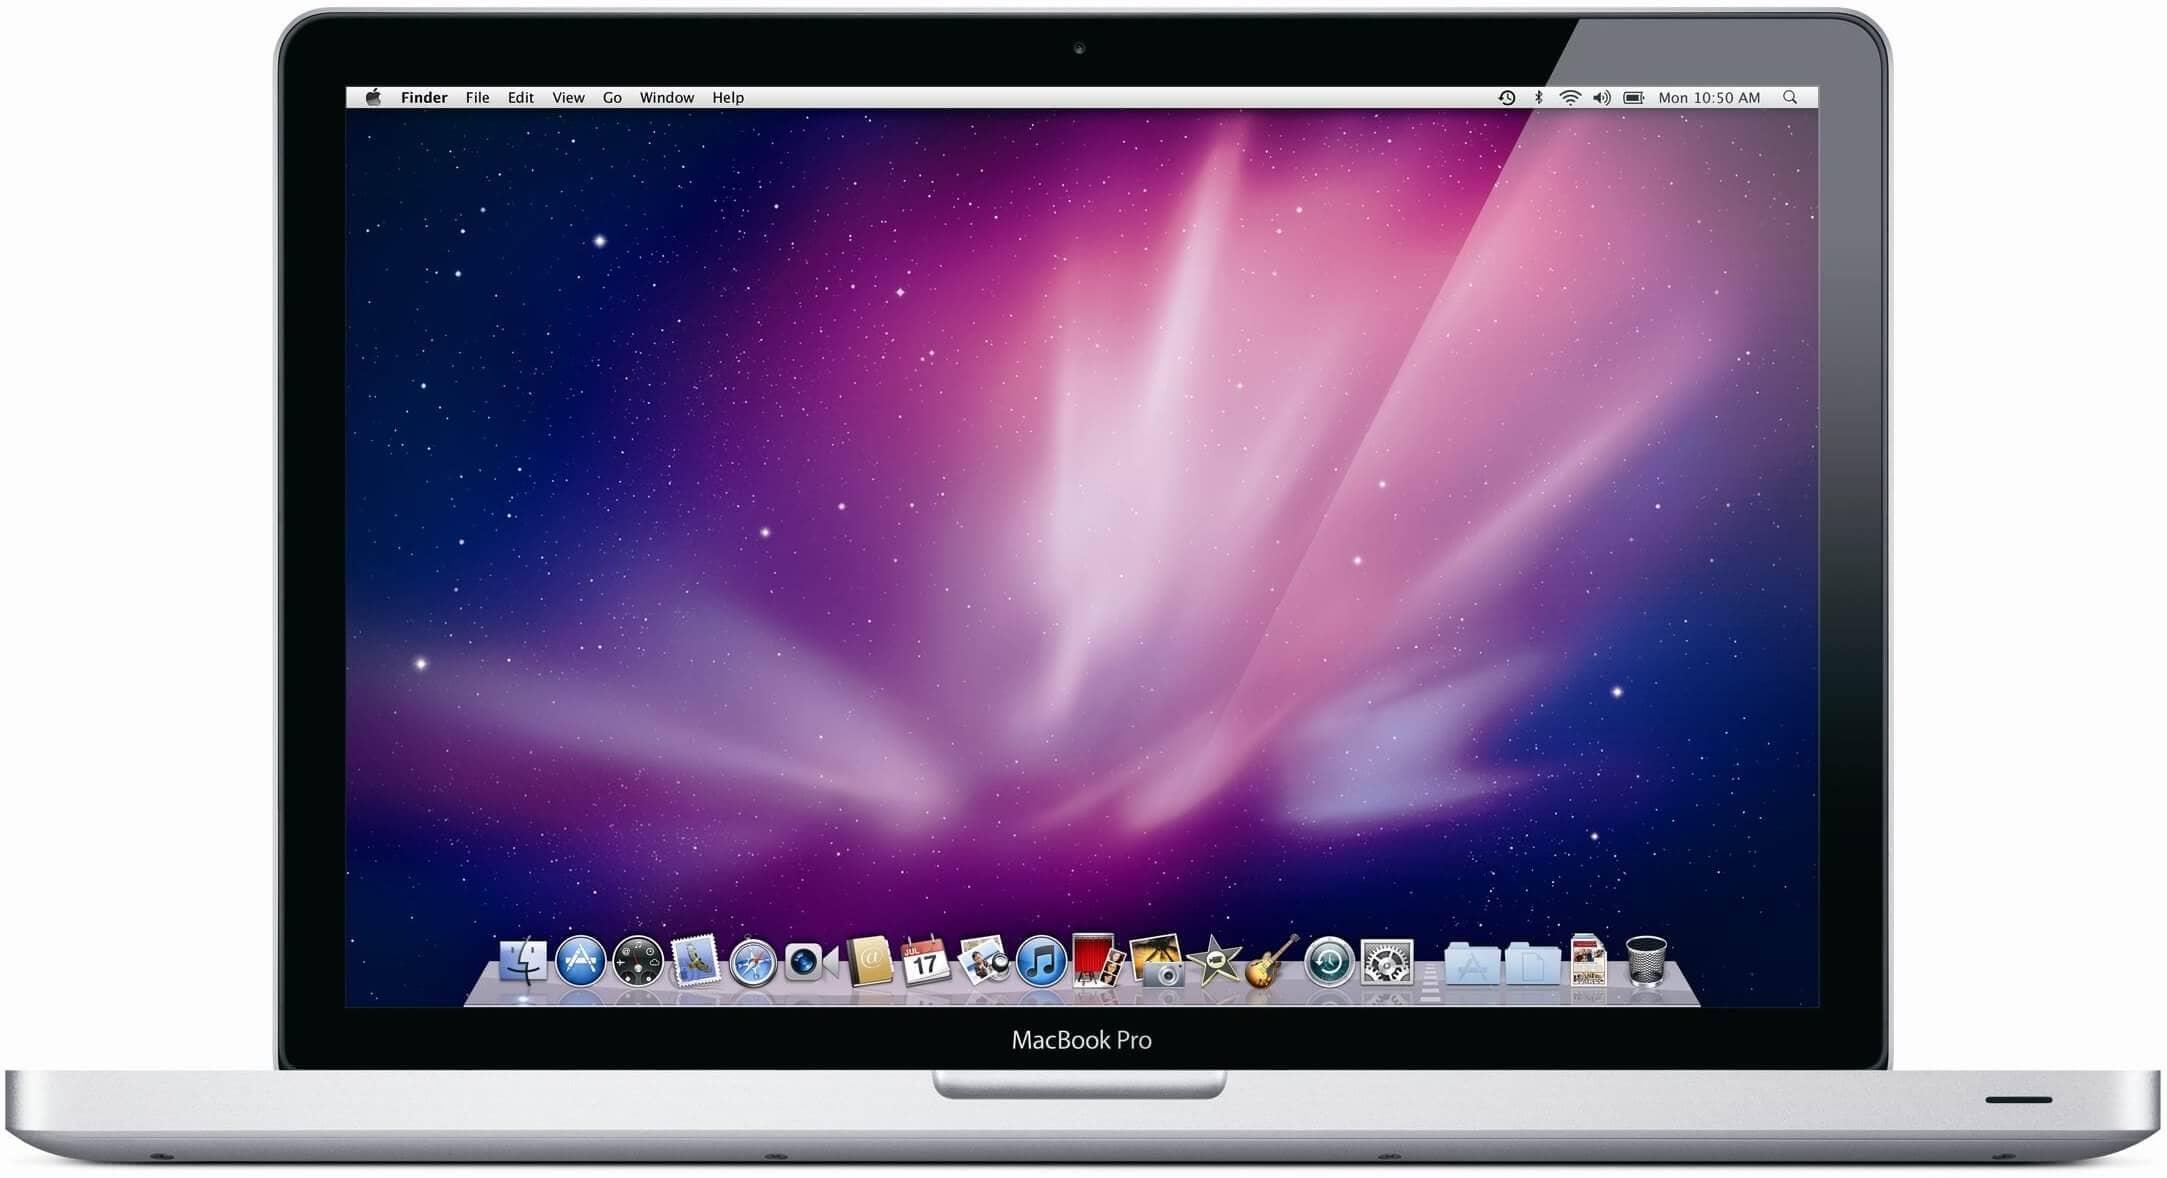 Macbook Pro 17 (A1297)